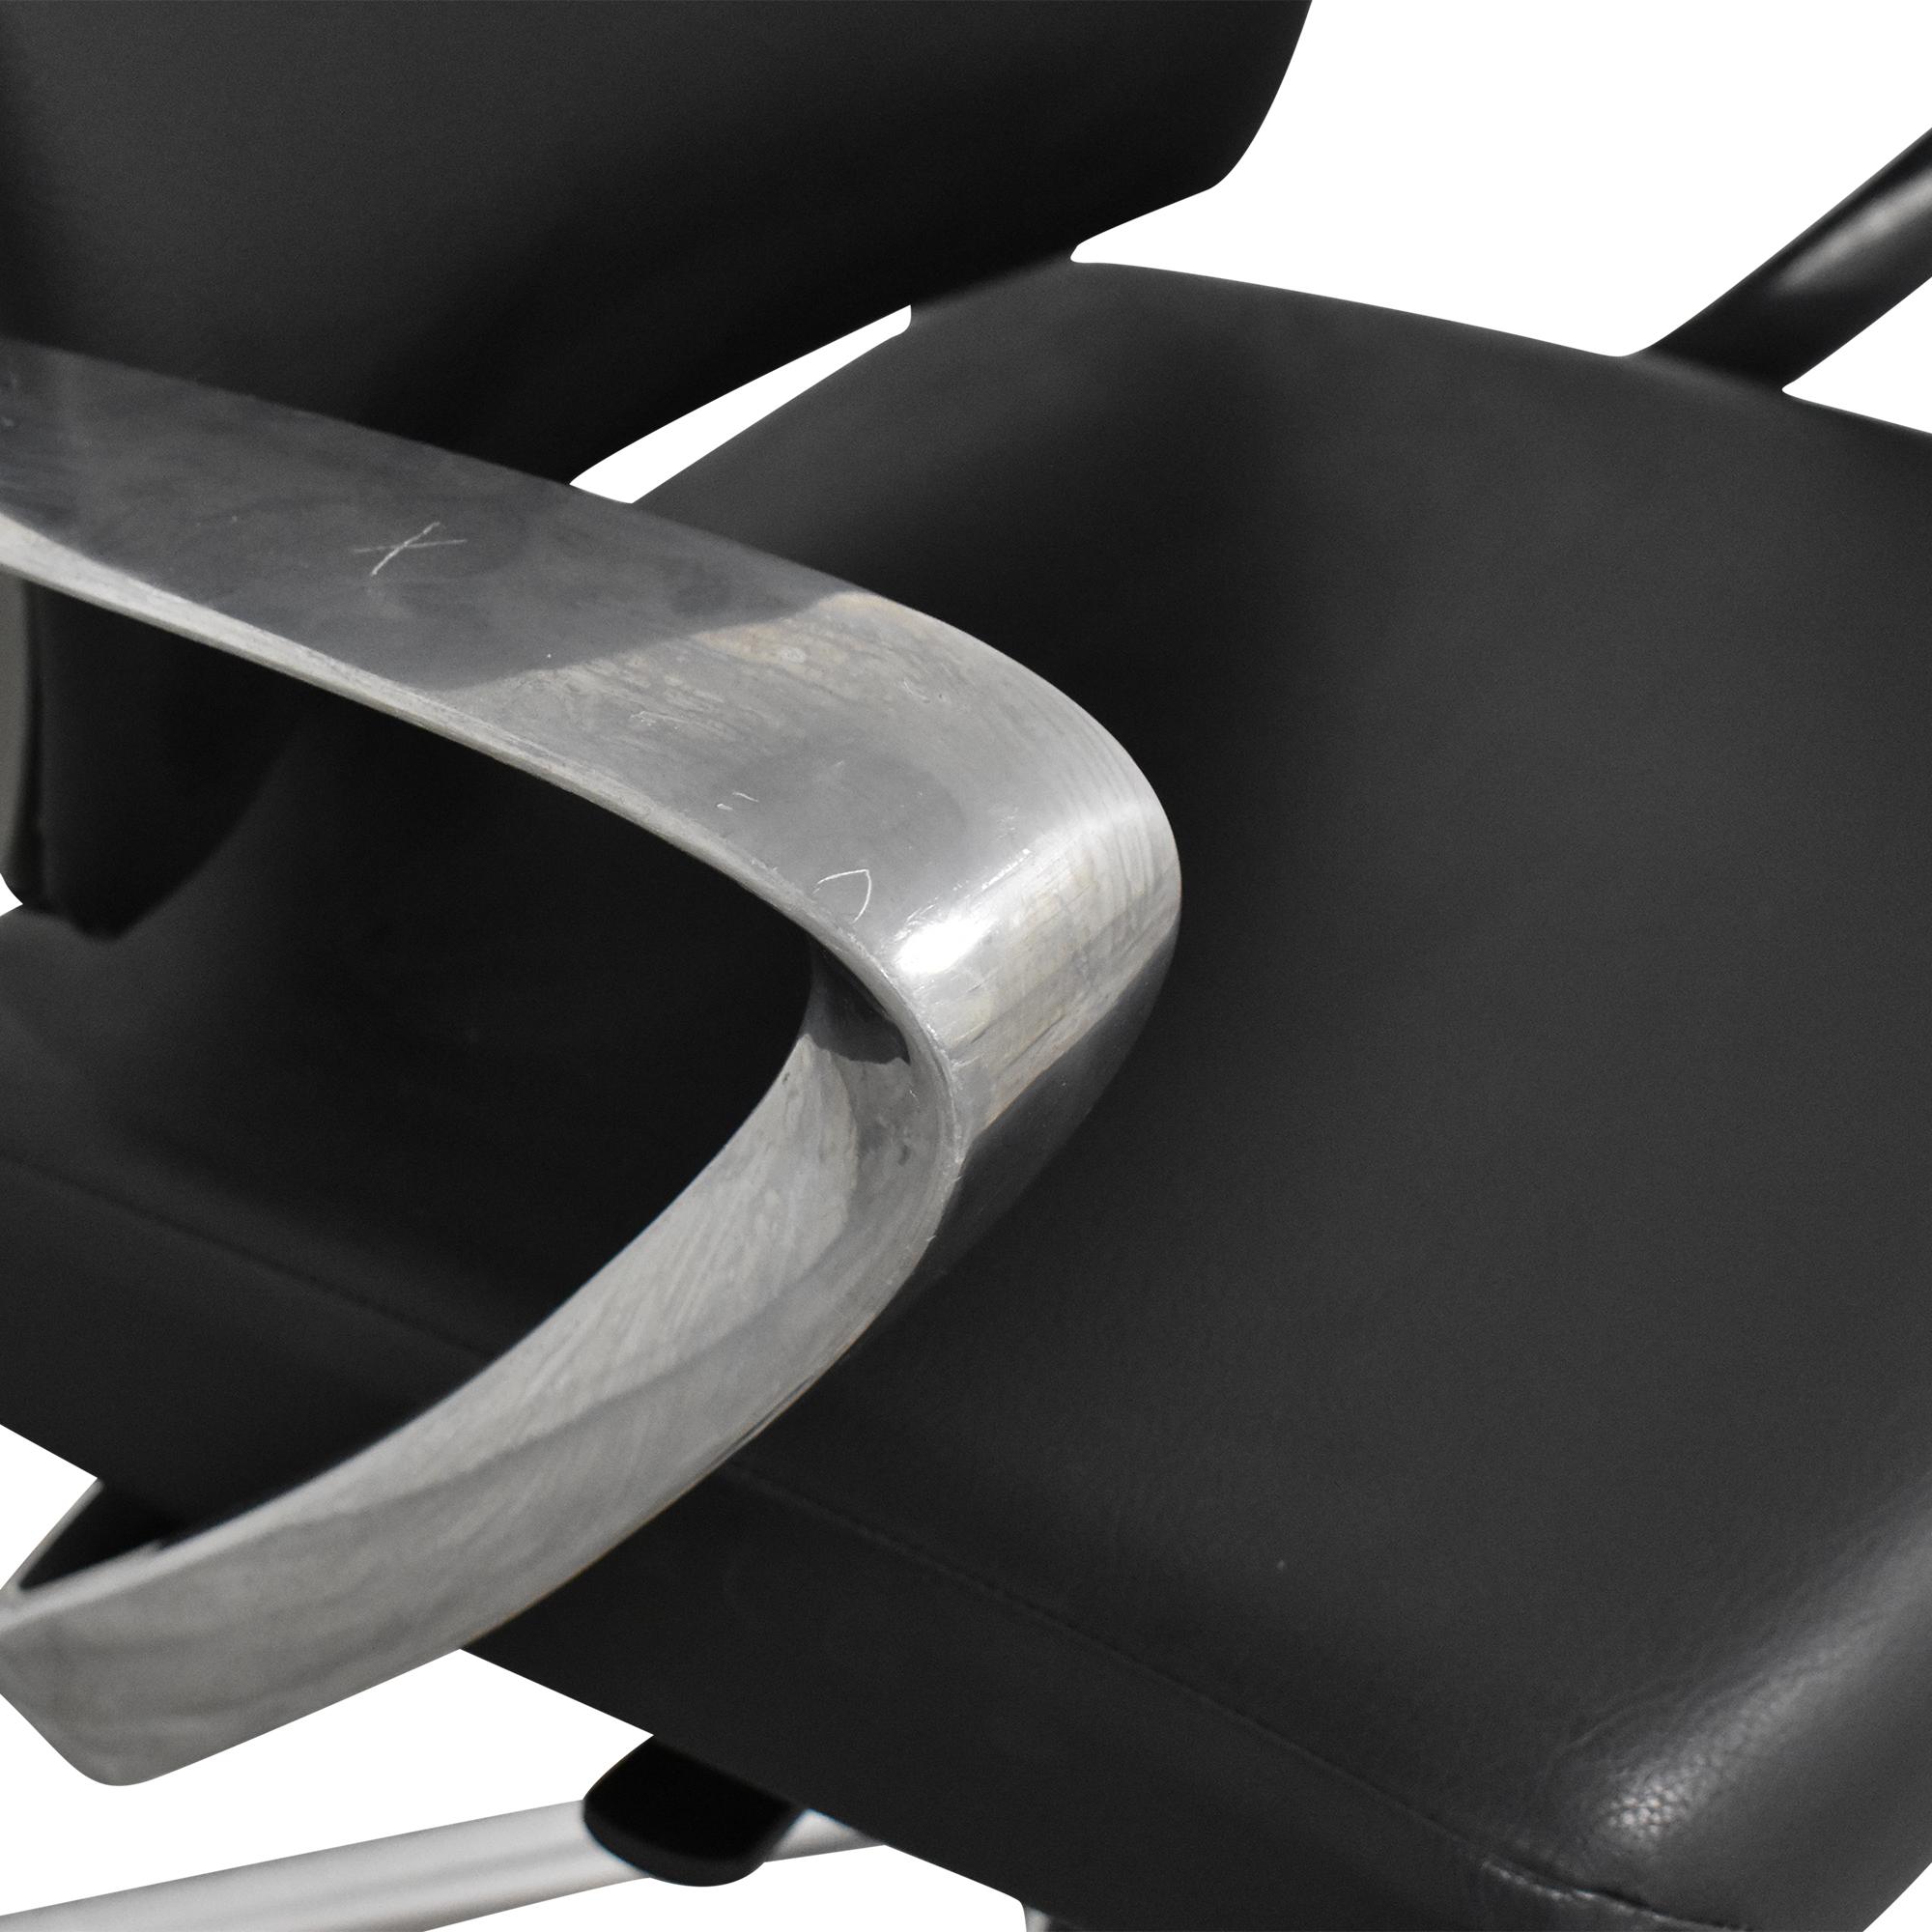 buy Allsteel Task Chair Allsteel Chairs